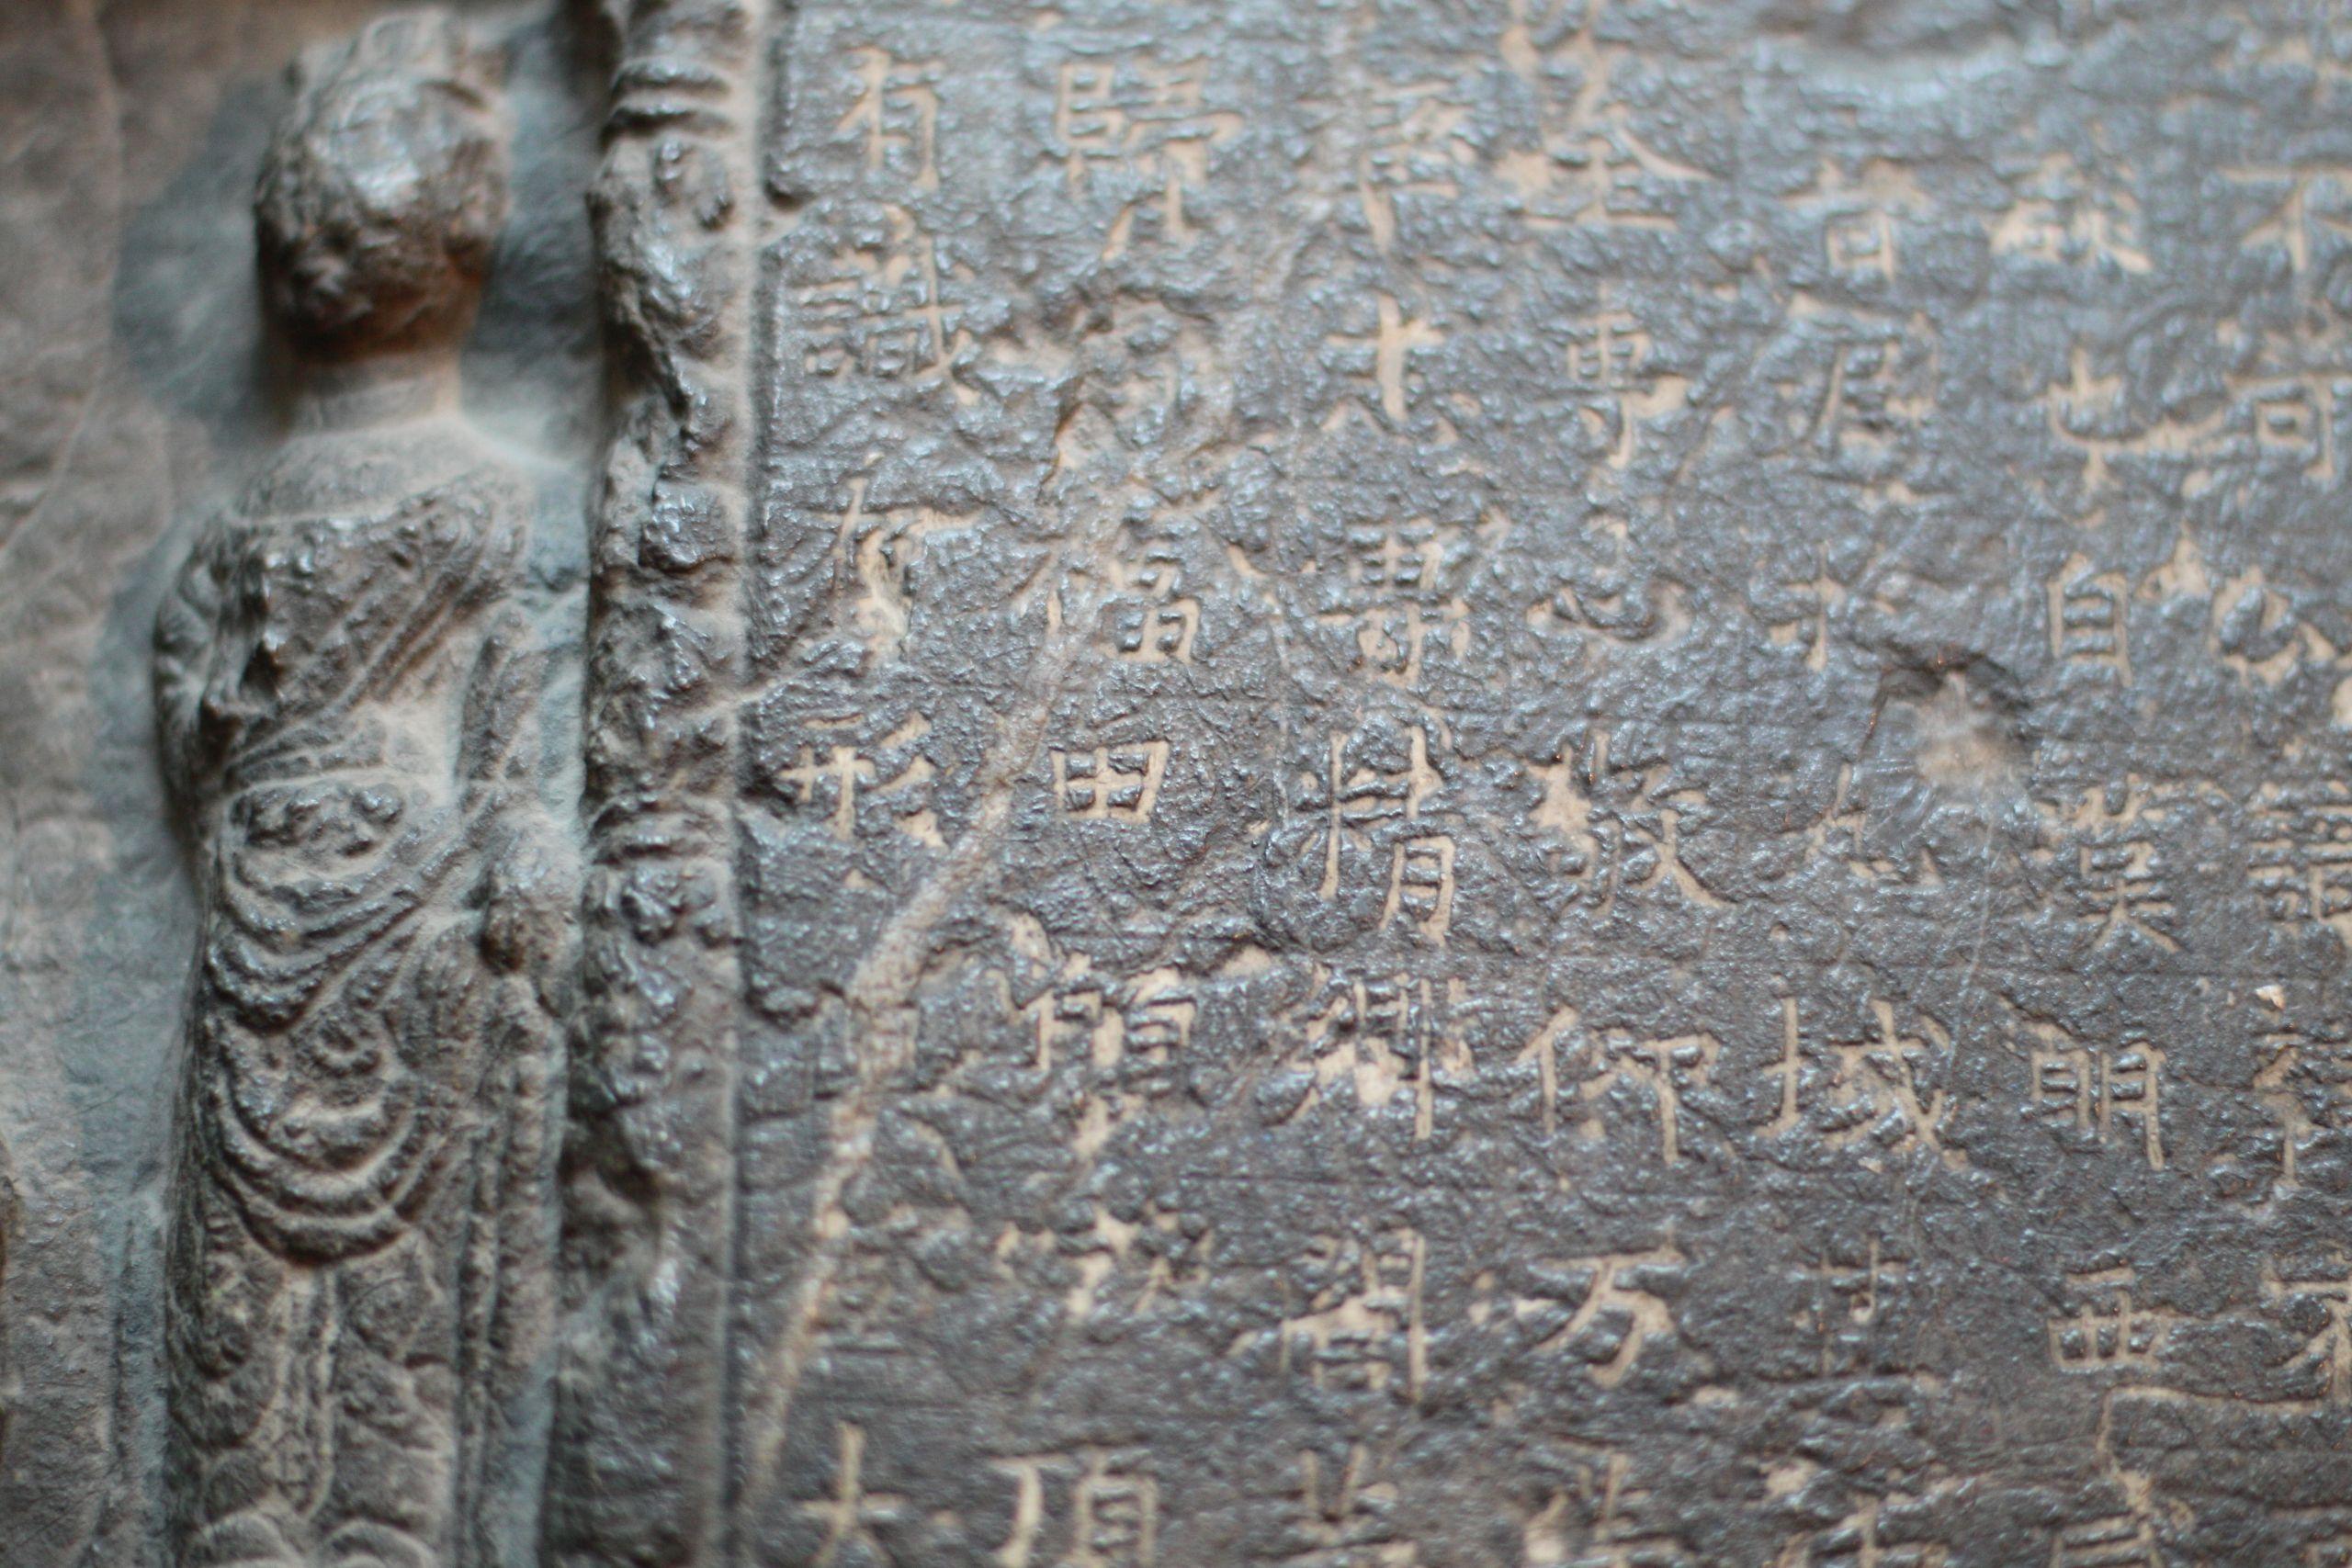 China Garten Neu File Grabstein Aus Der Zeit Der Han Dynastie 15 Jpg